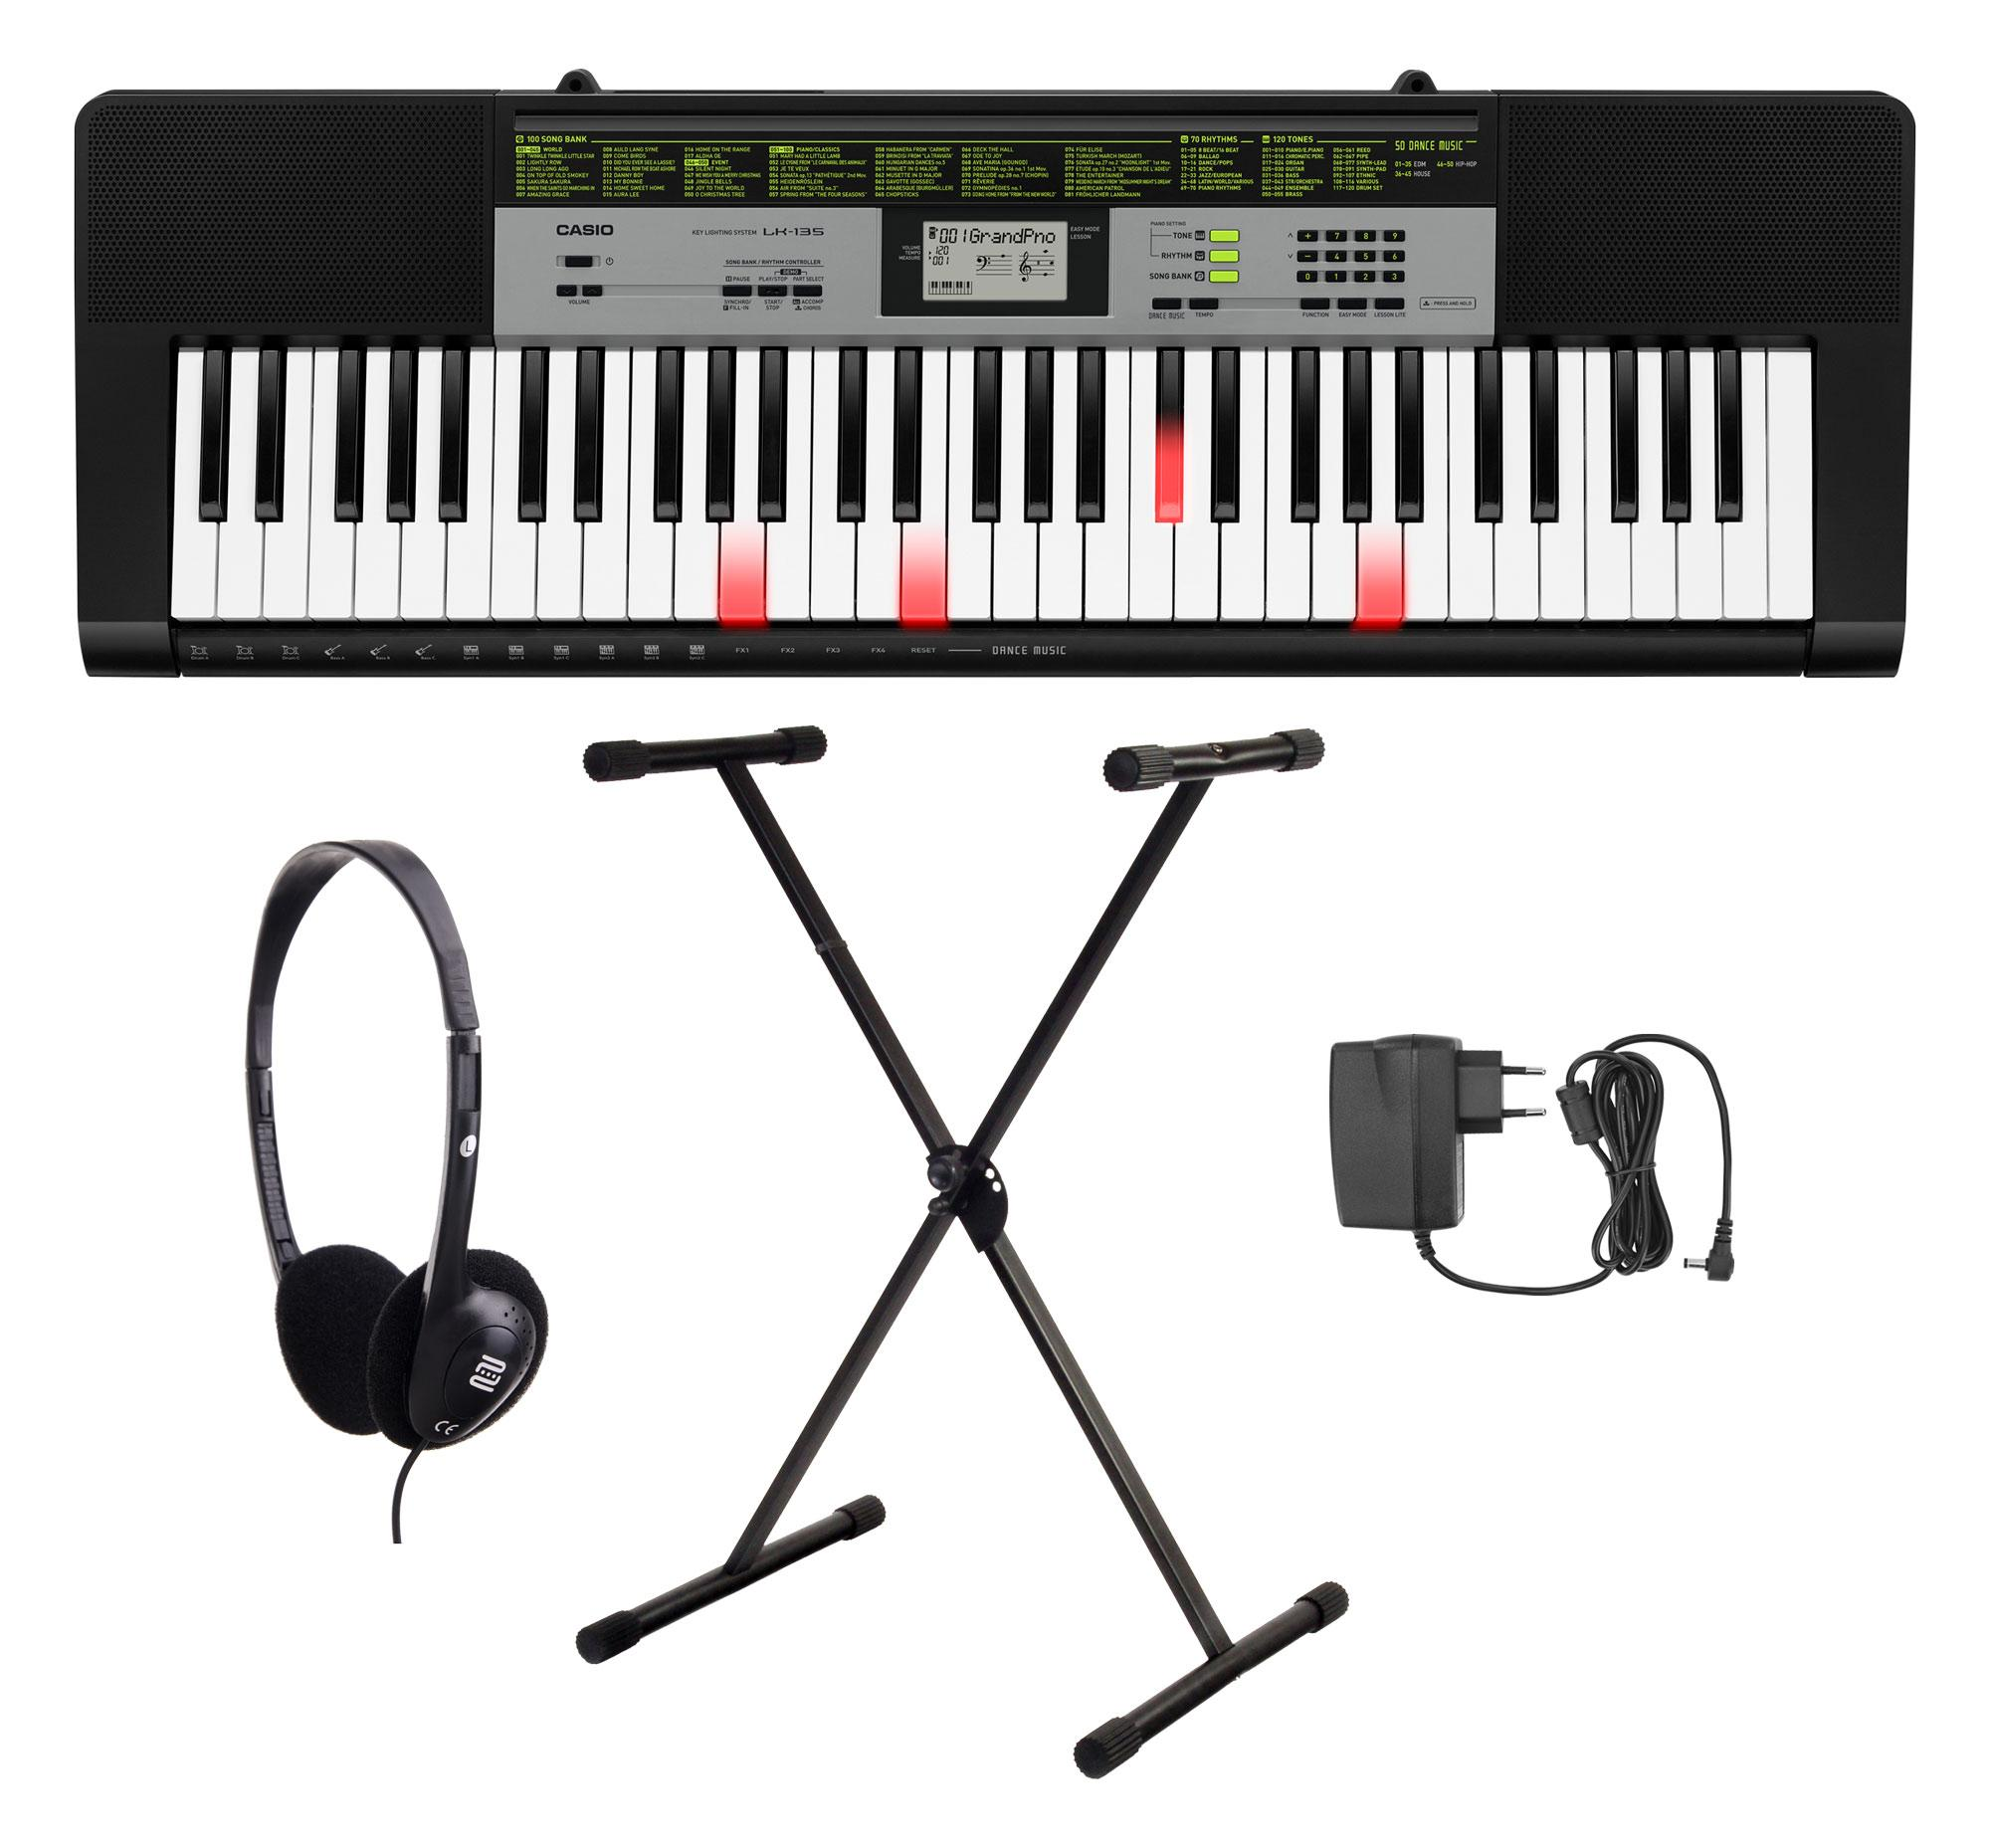 Casio LK 135 Leuchttasten Keyboard Set mit Ständer, Kopfhörer und Netzteil